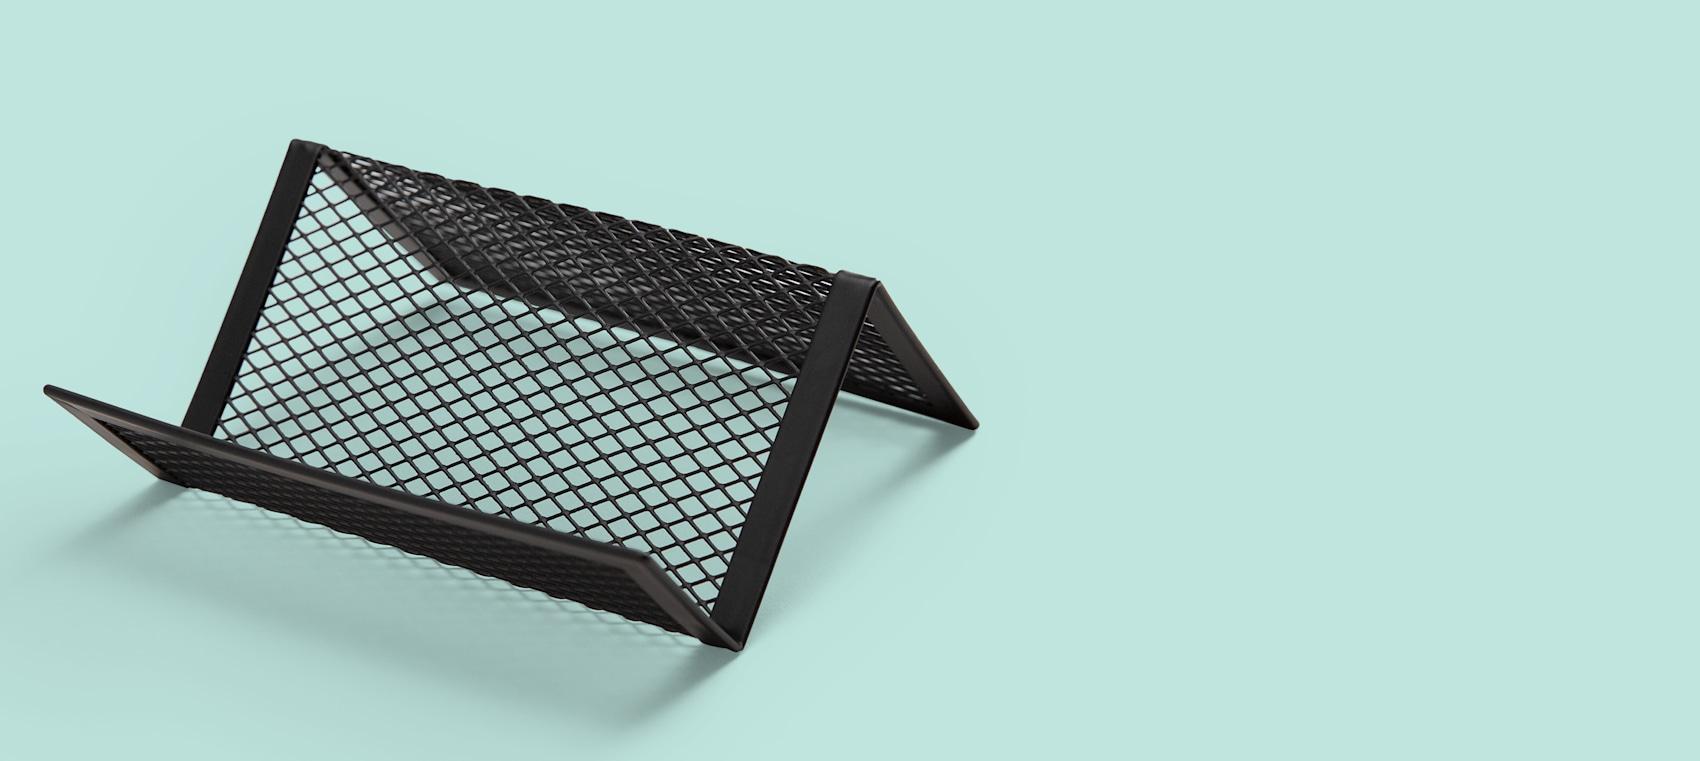 Metal mesh holder